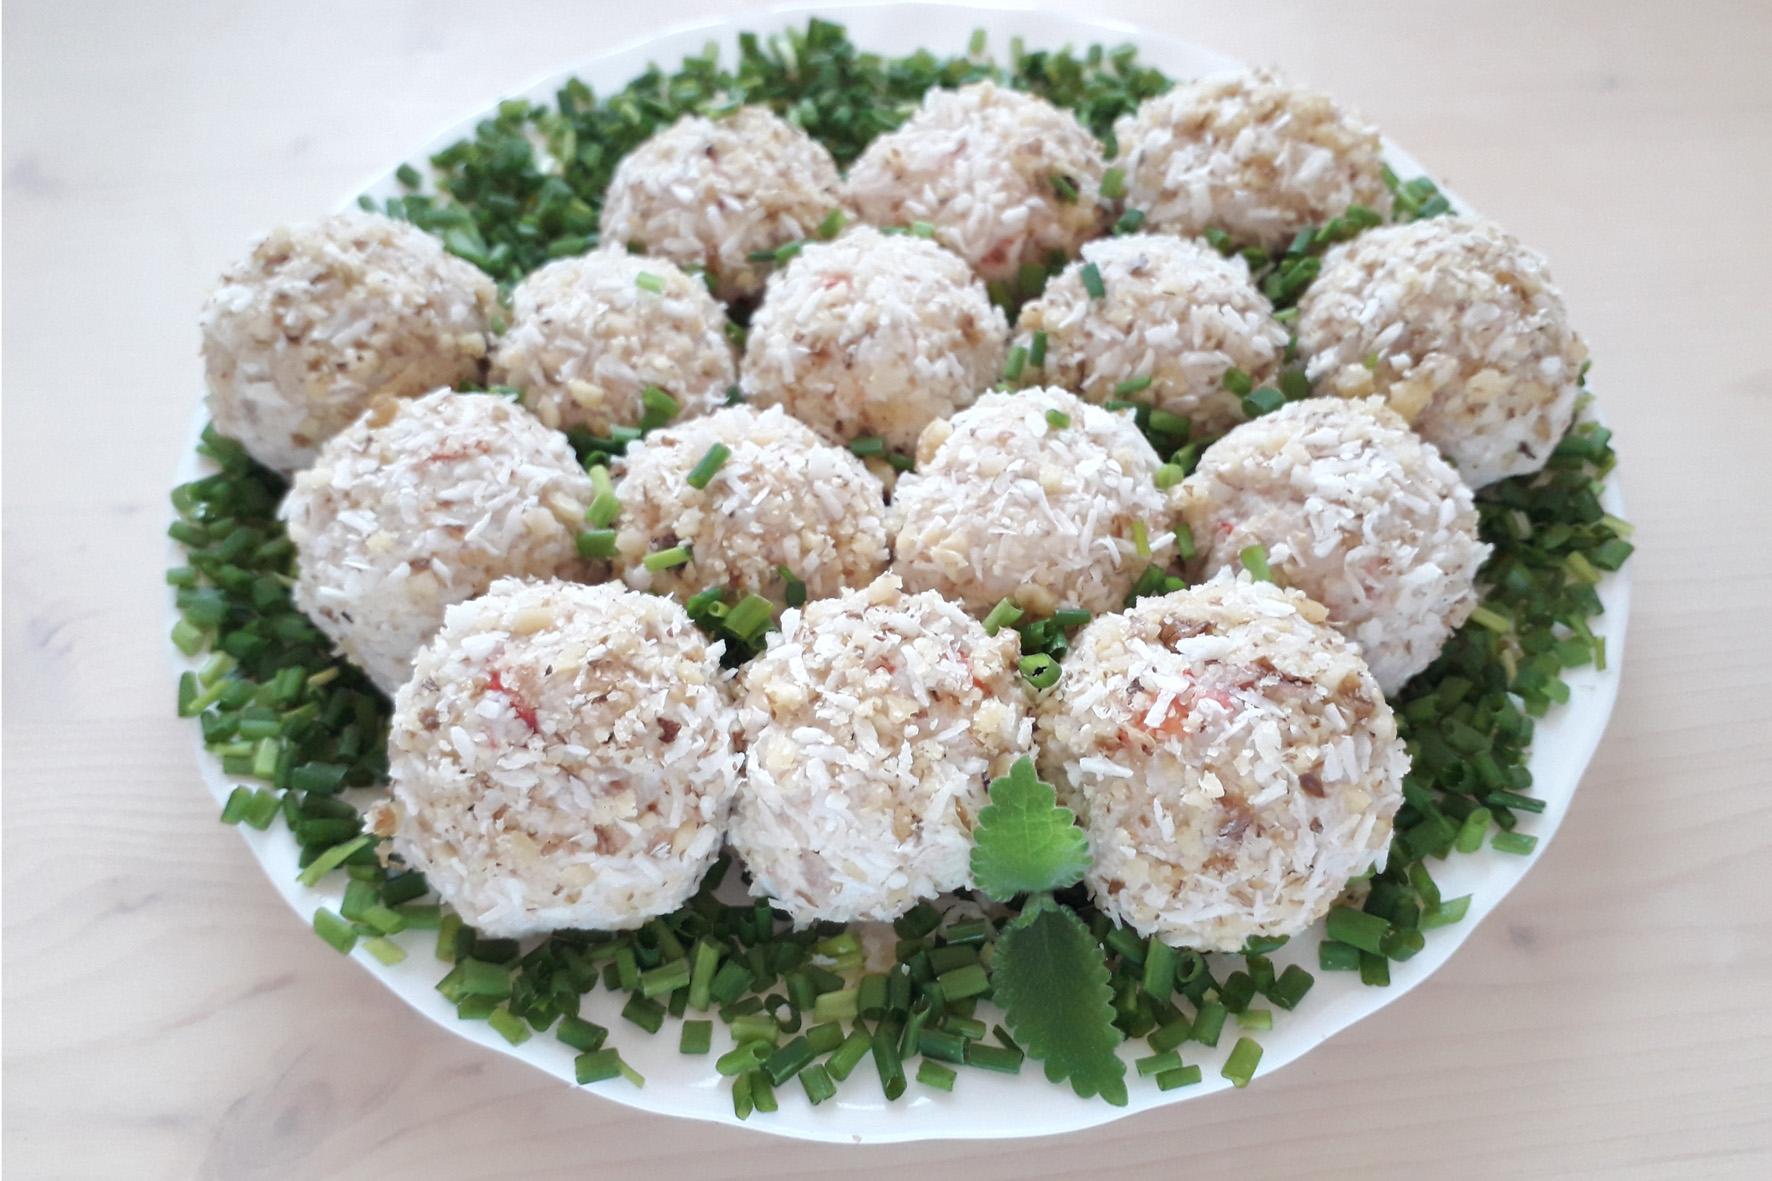 них картинку, салаты шарики рецепты с фото плотная крона